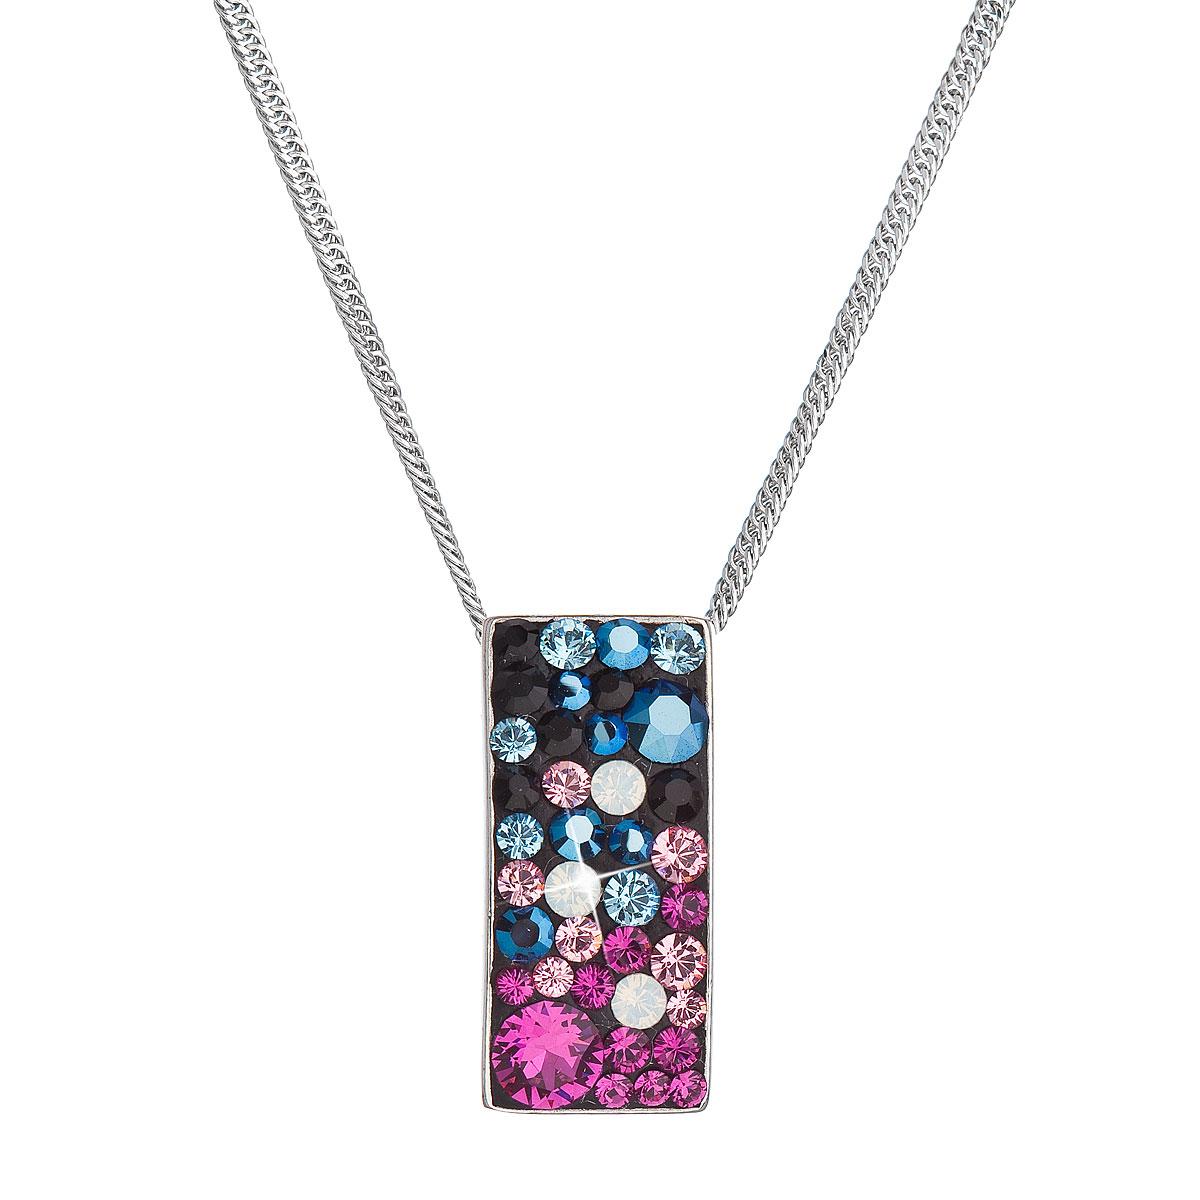 Strieborný náhrdelník so Swarovski kryštálmi obdĺžnik 32074.4 galaxy